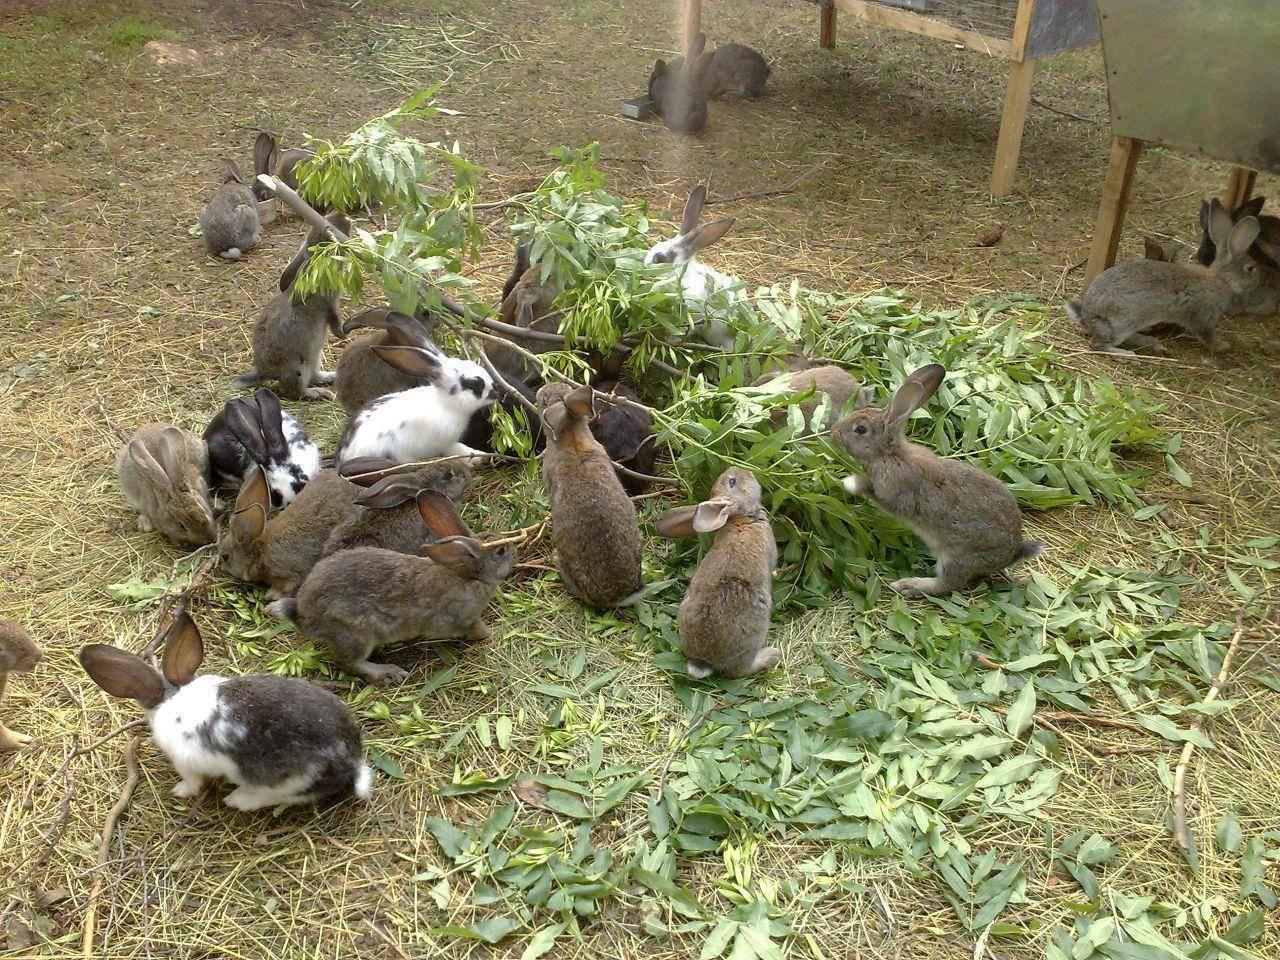 Чем можно и нельзя кормить кроликов? что дают кроликам для питания?